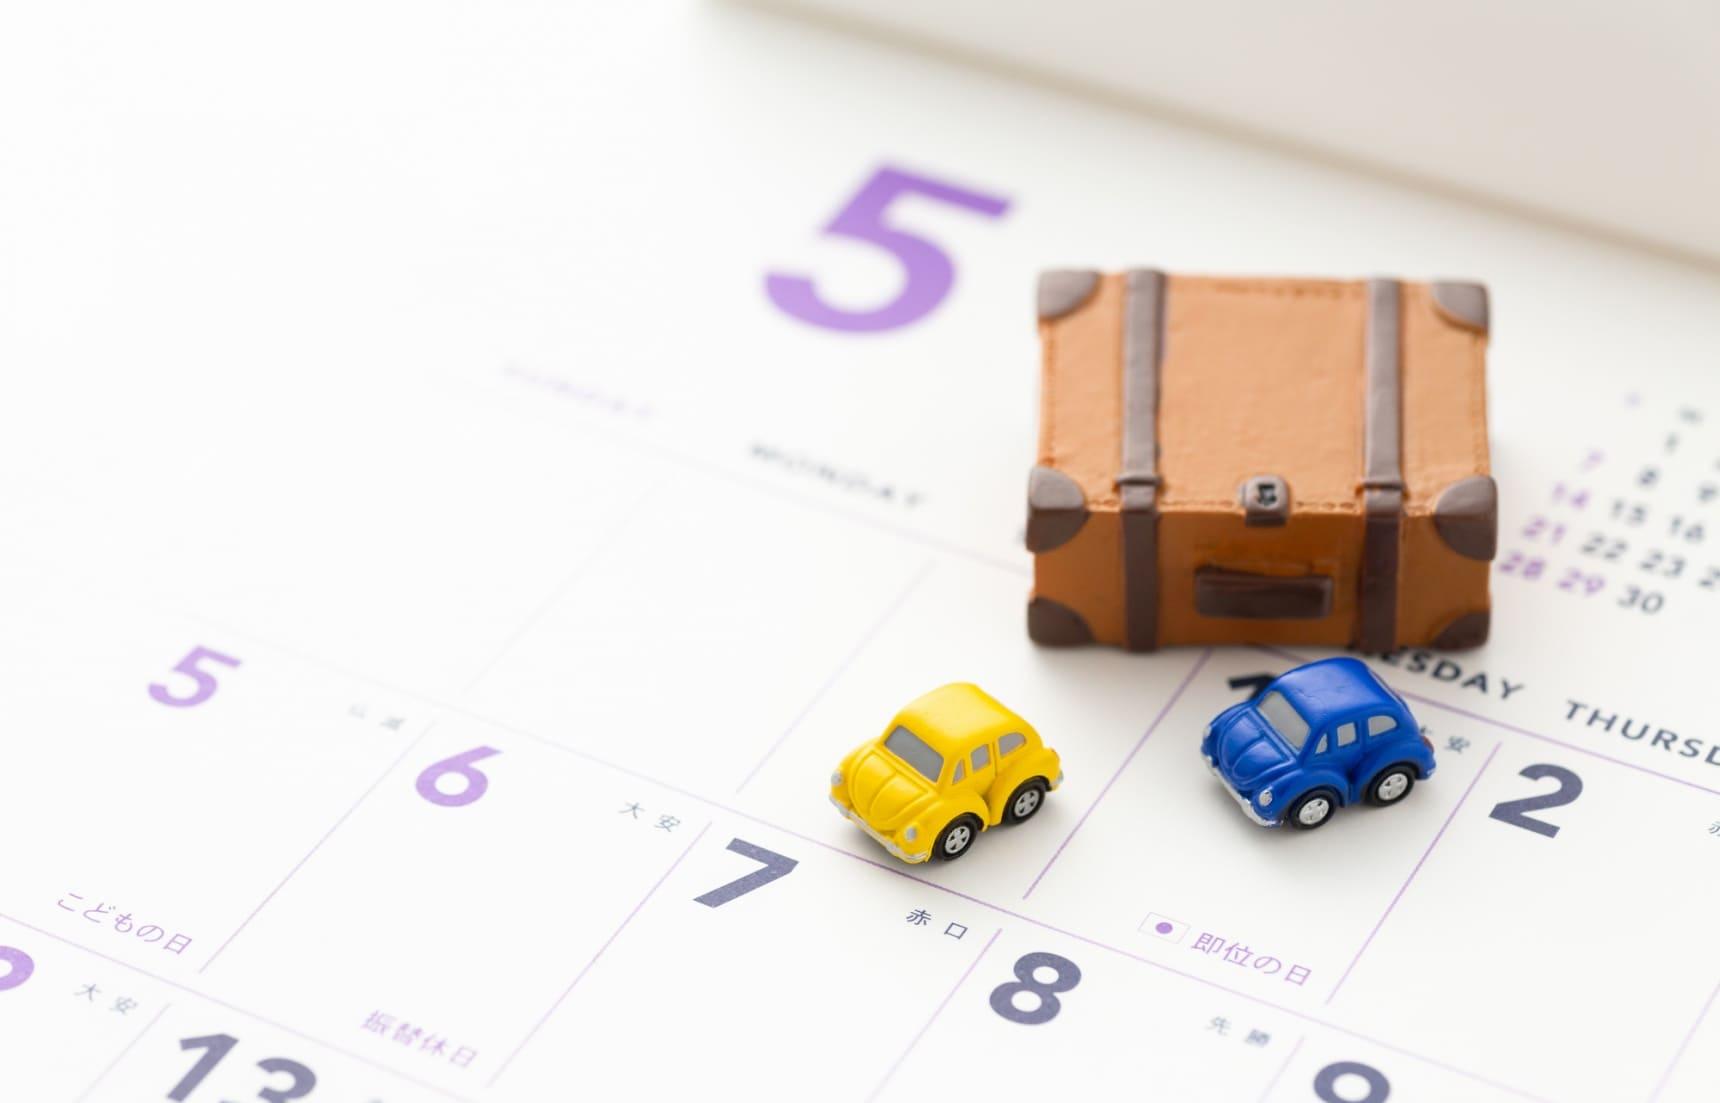 2020赴日最省錢期間?周末也能用平日價格入住的特惠期間又是?